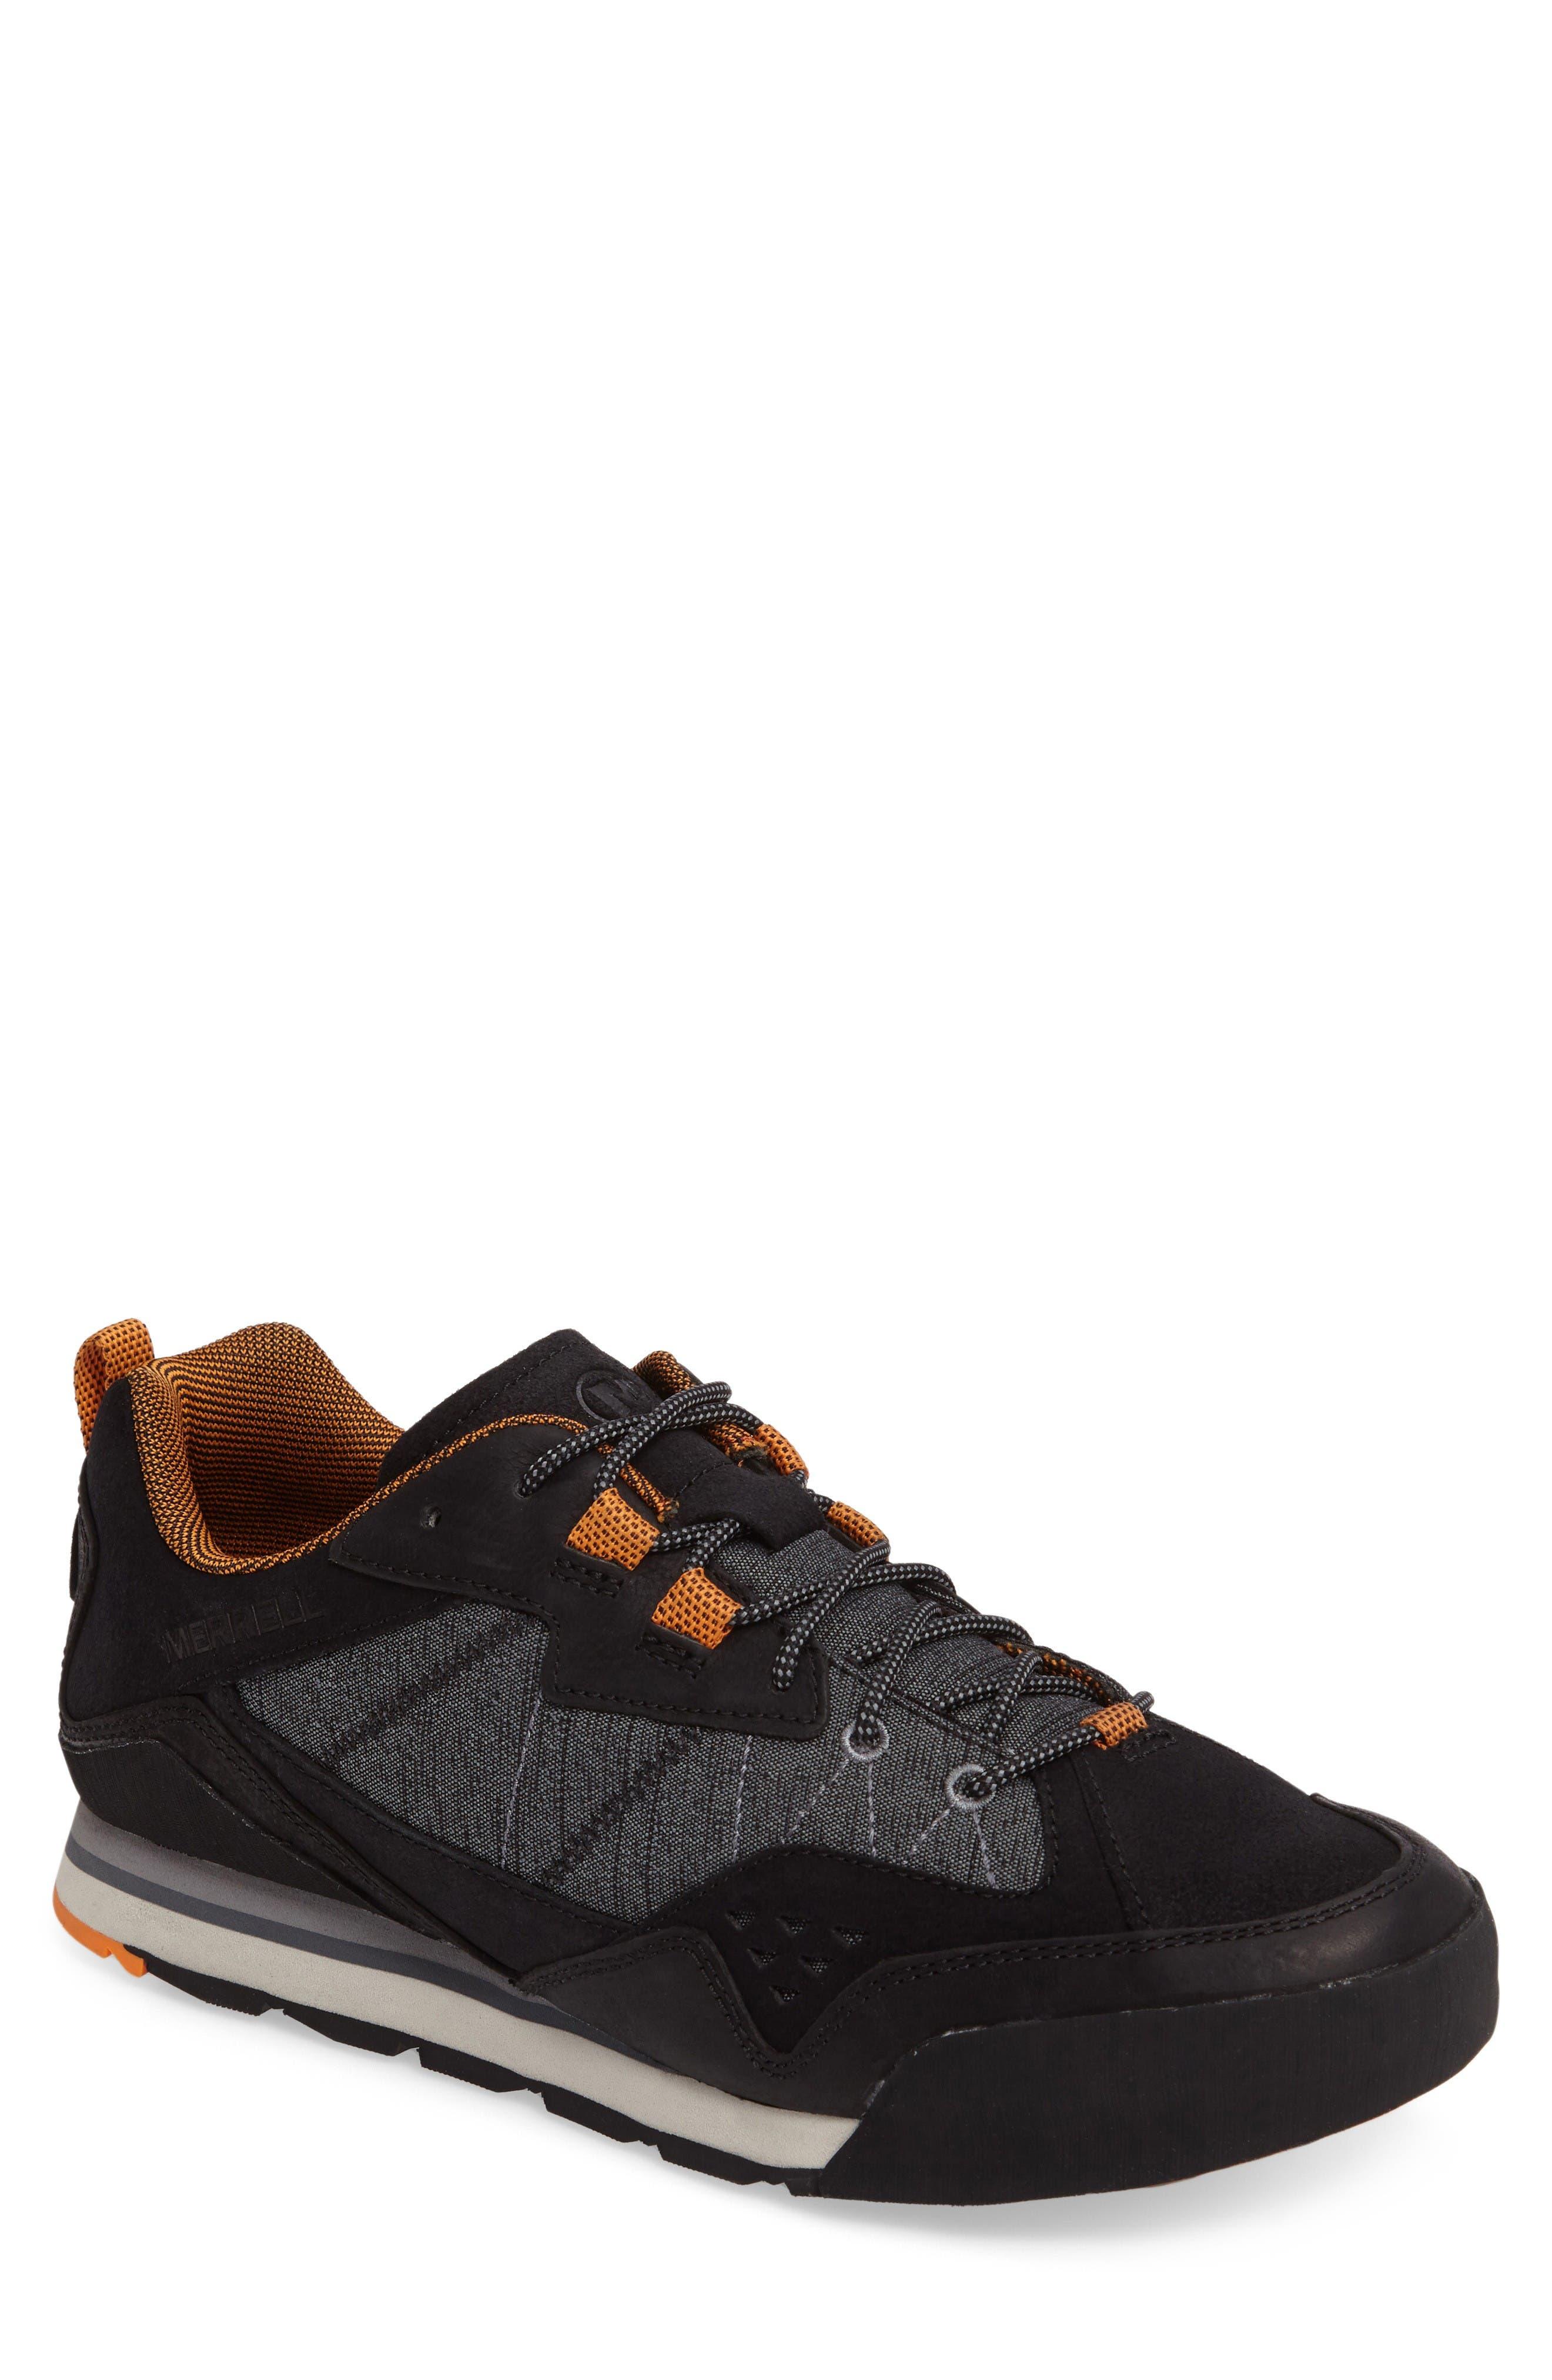 Burnt Rock Sneaker,                         Main,                         color, Black